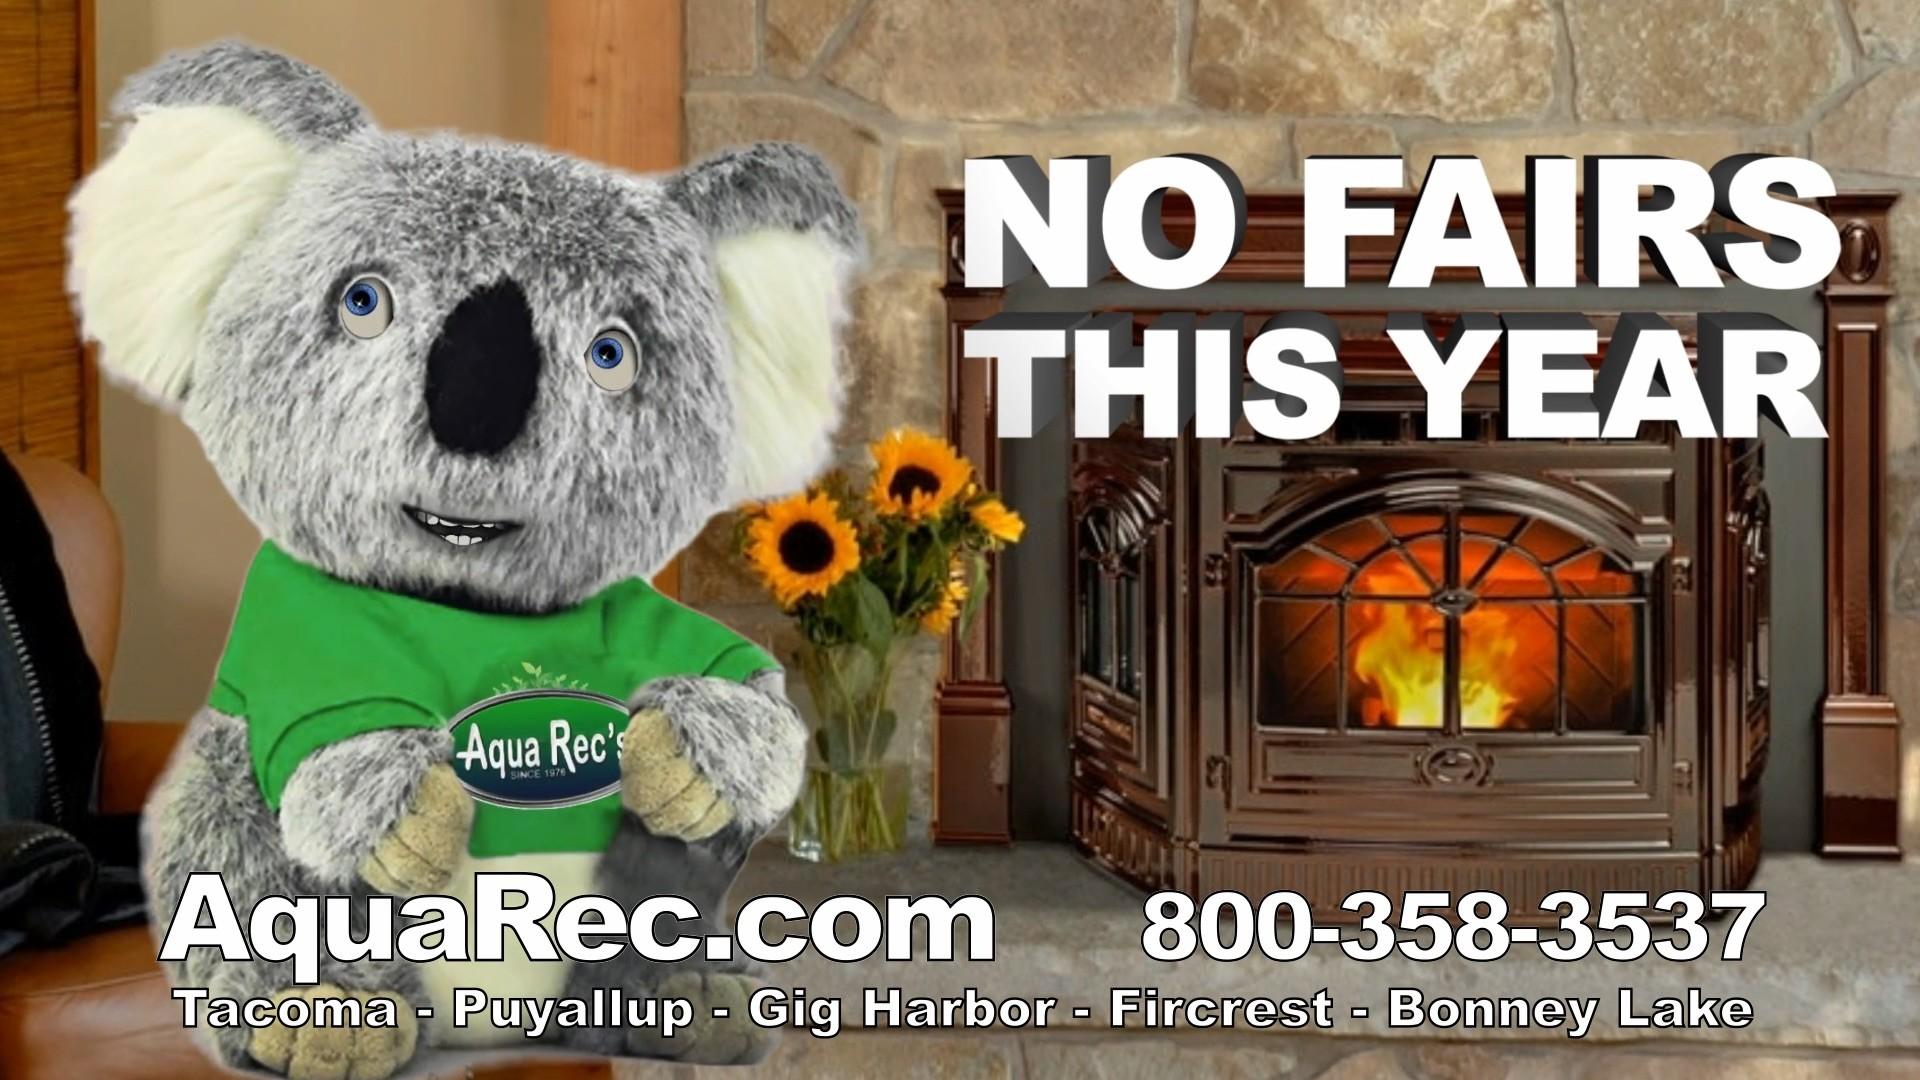 Aqua Rec: No Fairs - Quadra-Fire